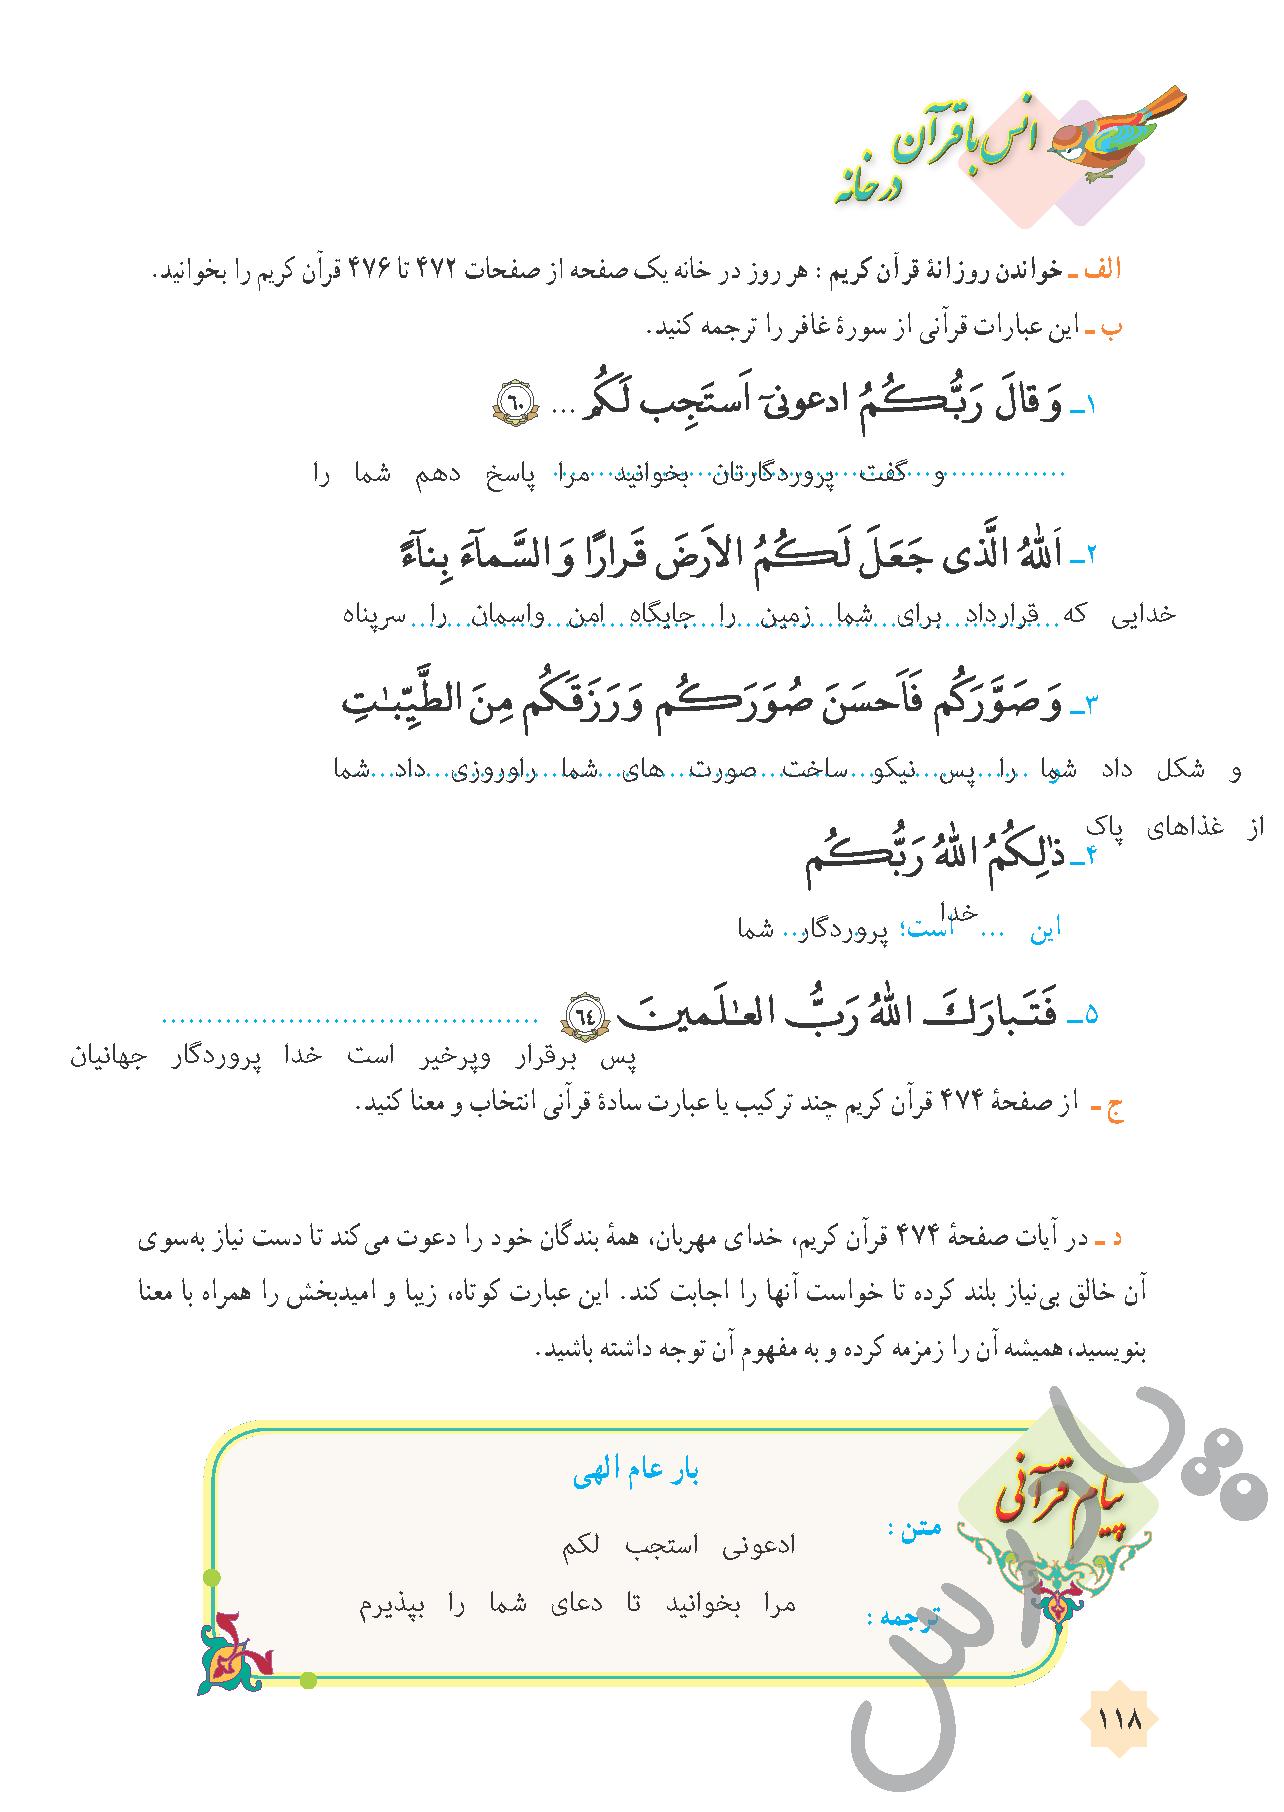 جواب انس با قرآن درس 12 قرآن هشتم - جلسه دوم